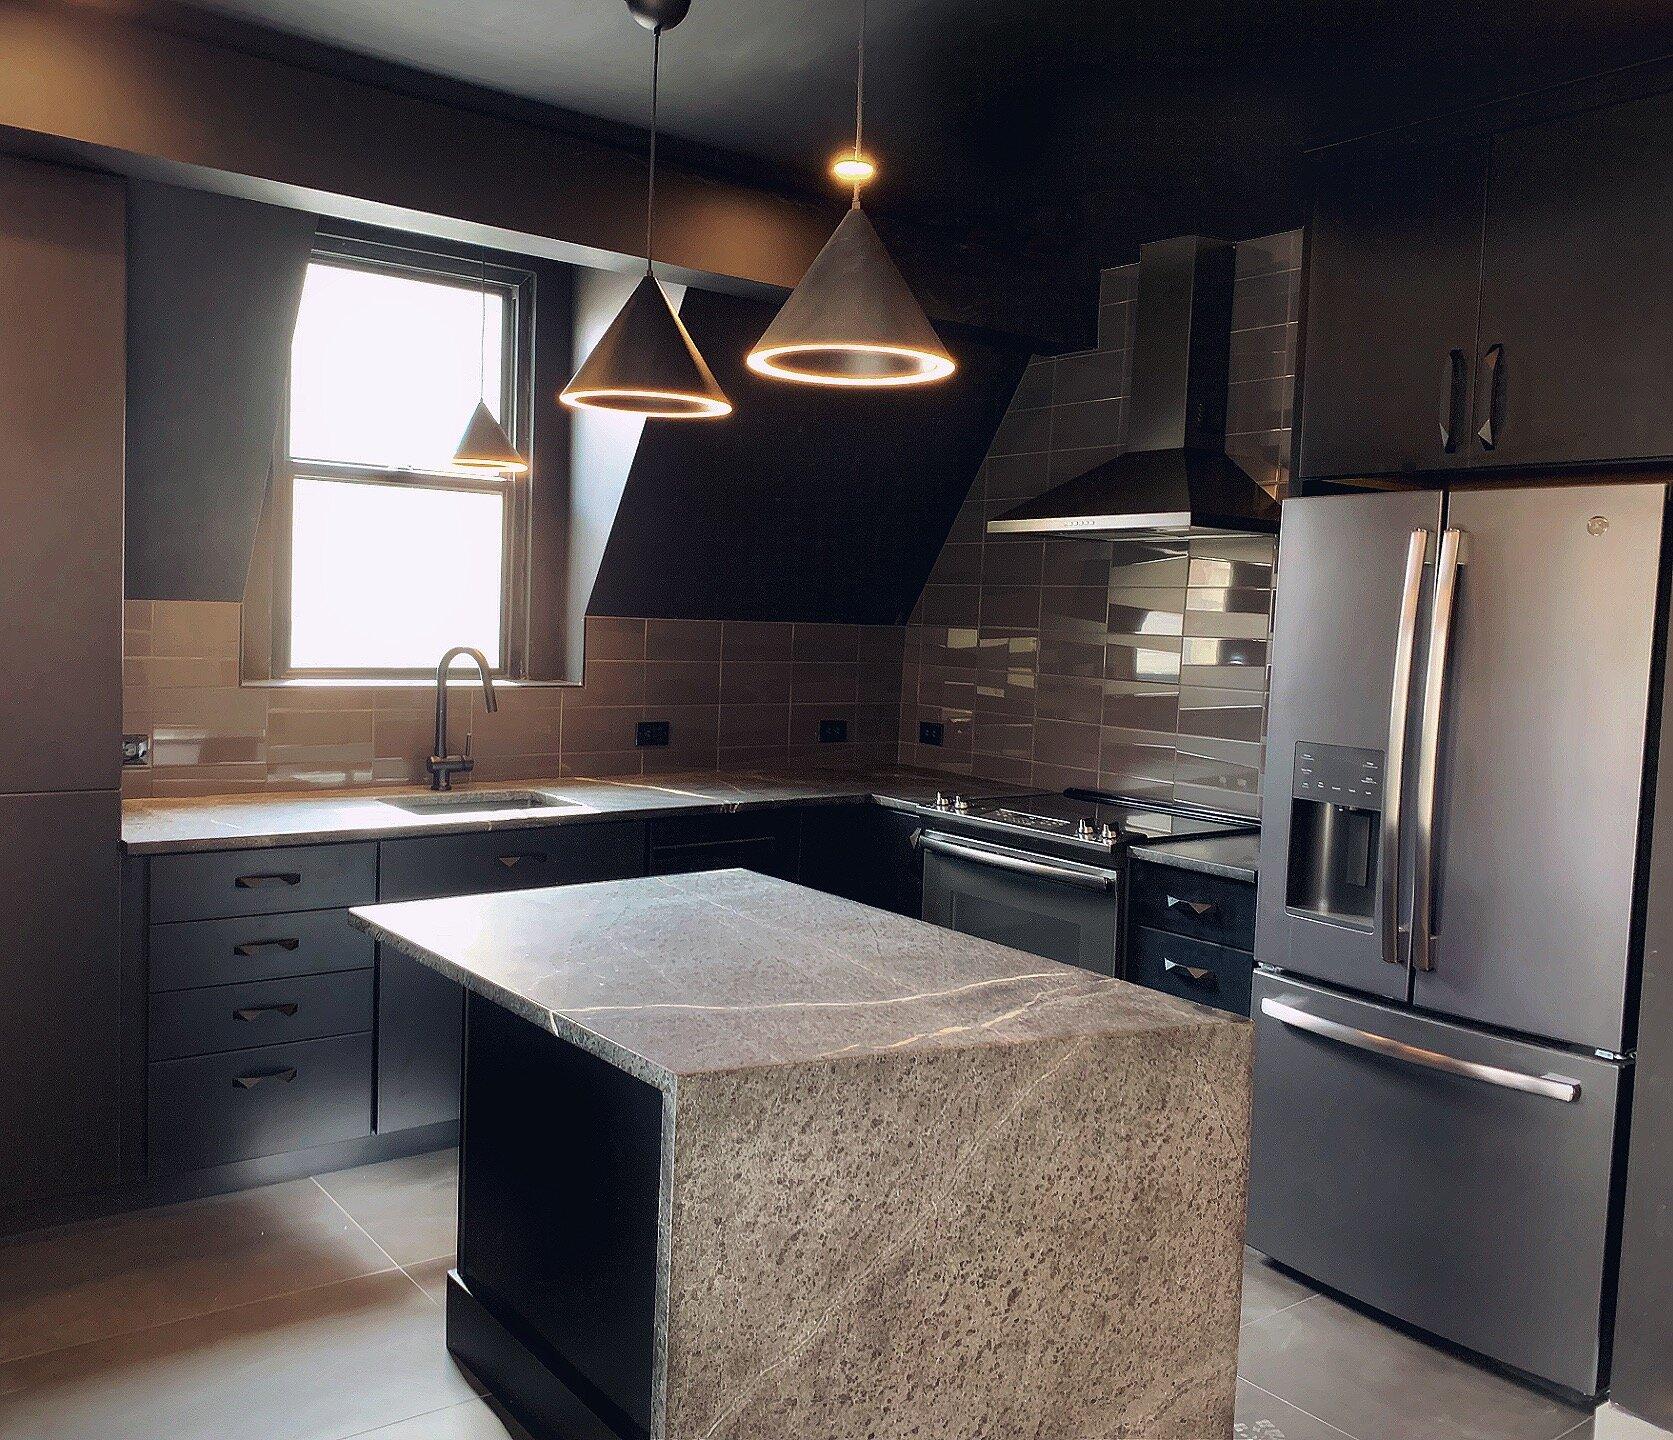 Denver Home Interior Design